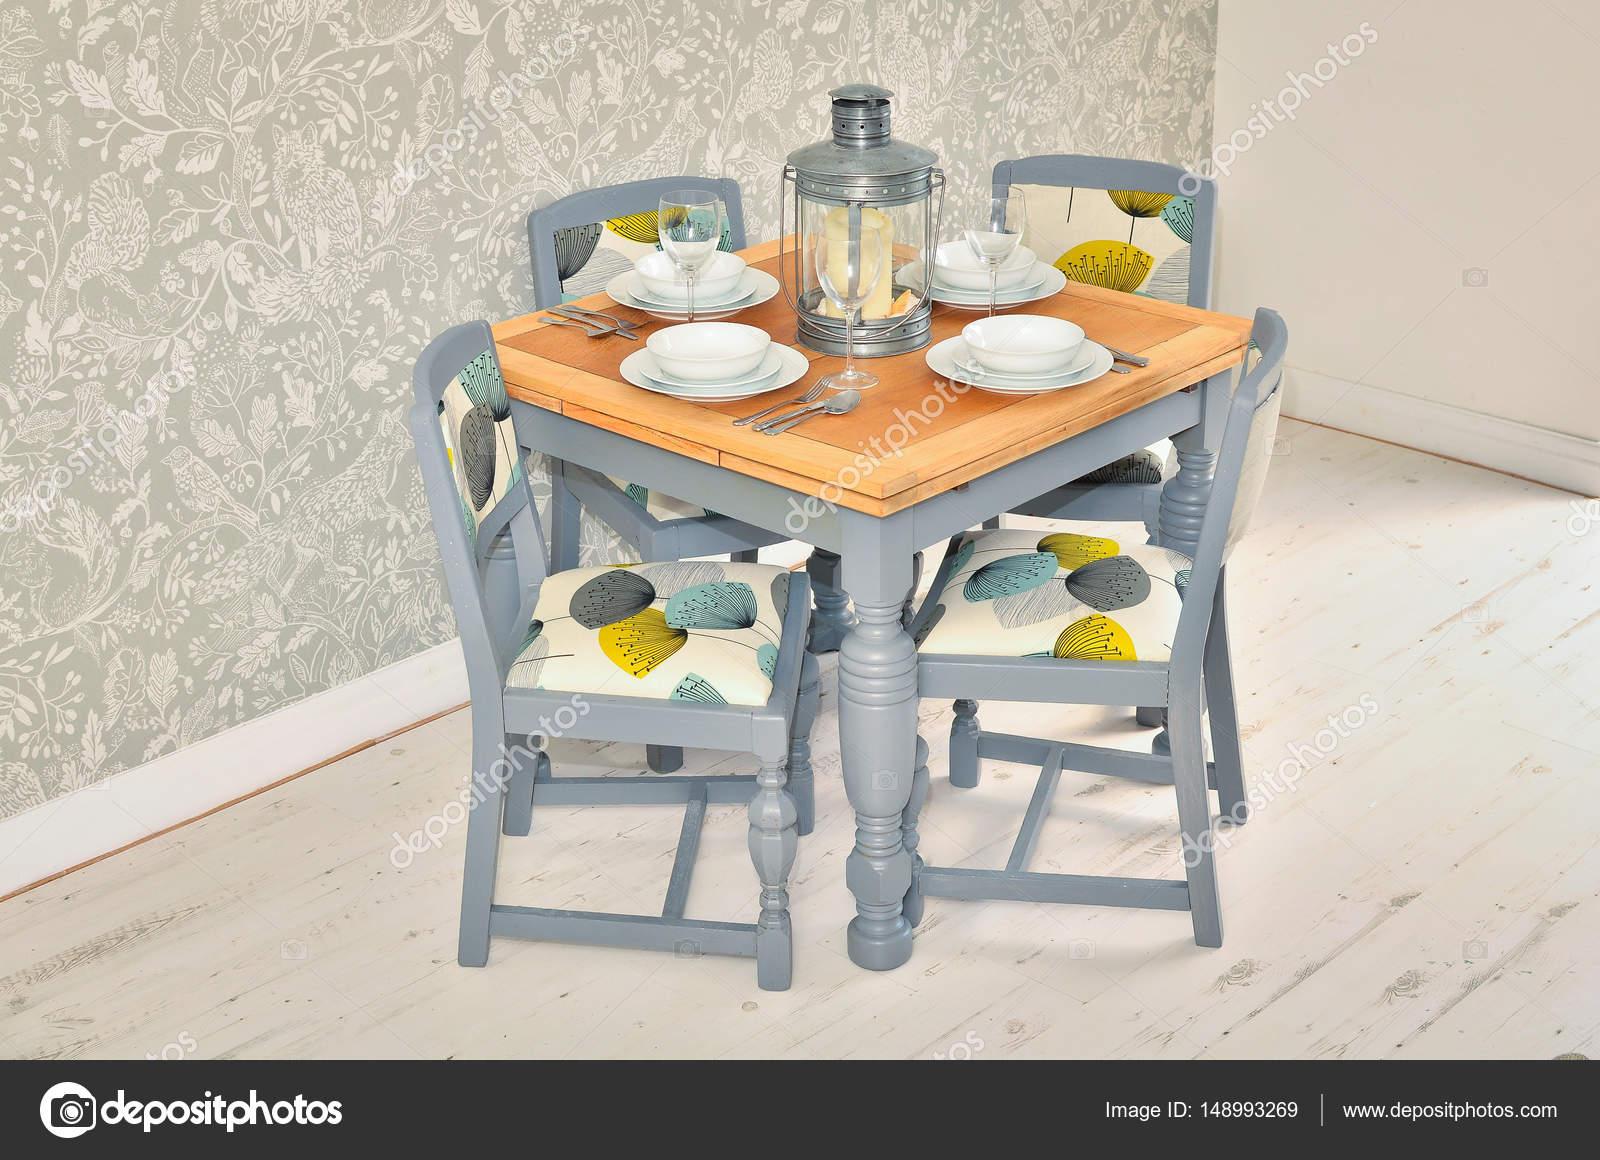 Shabby chic mesa de comedor con sillas y vajilla — Foto de stock ...